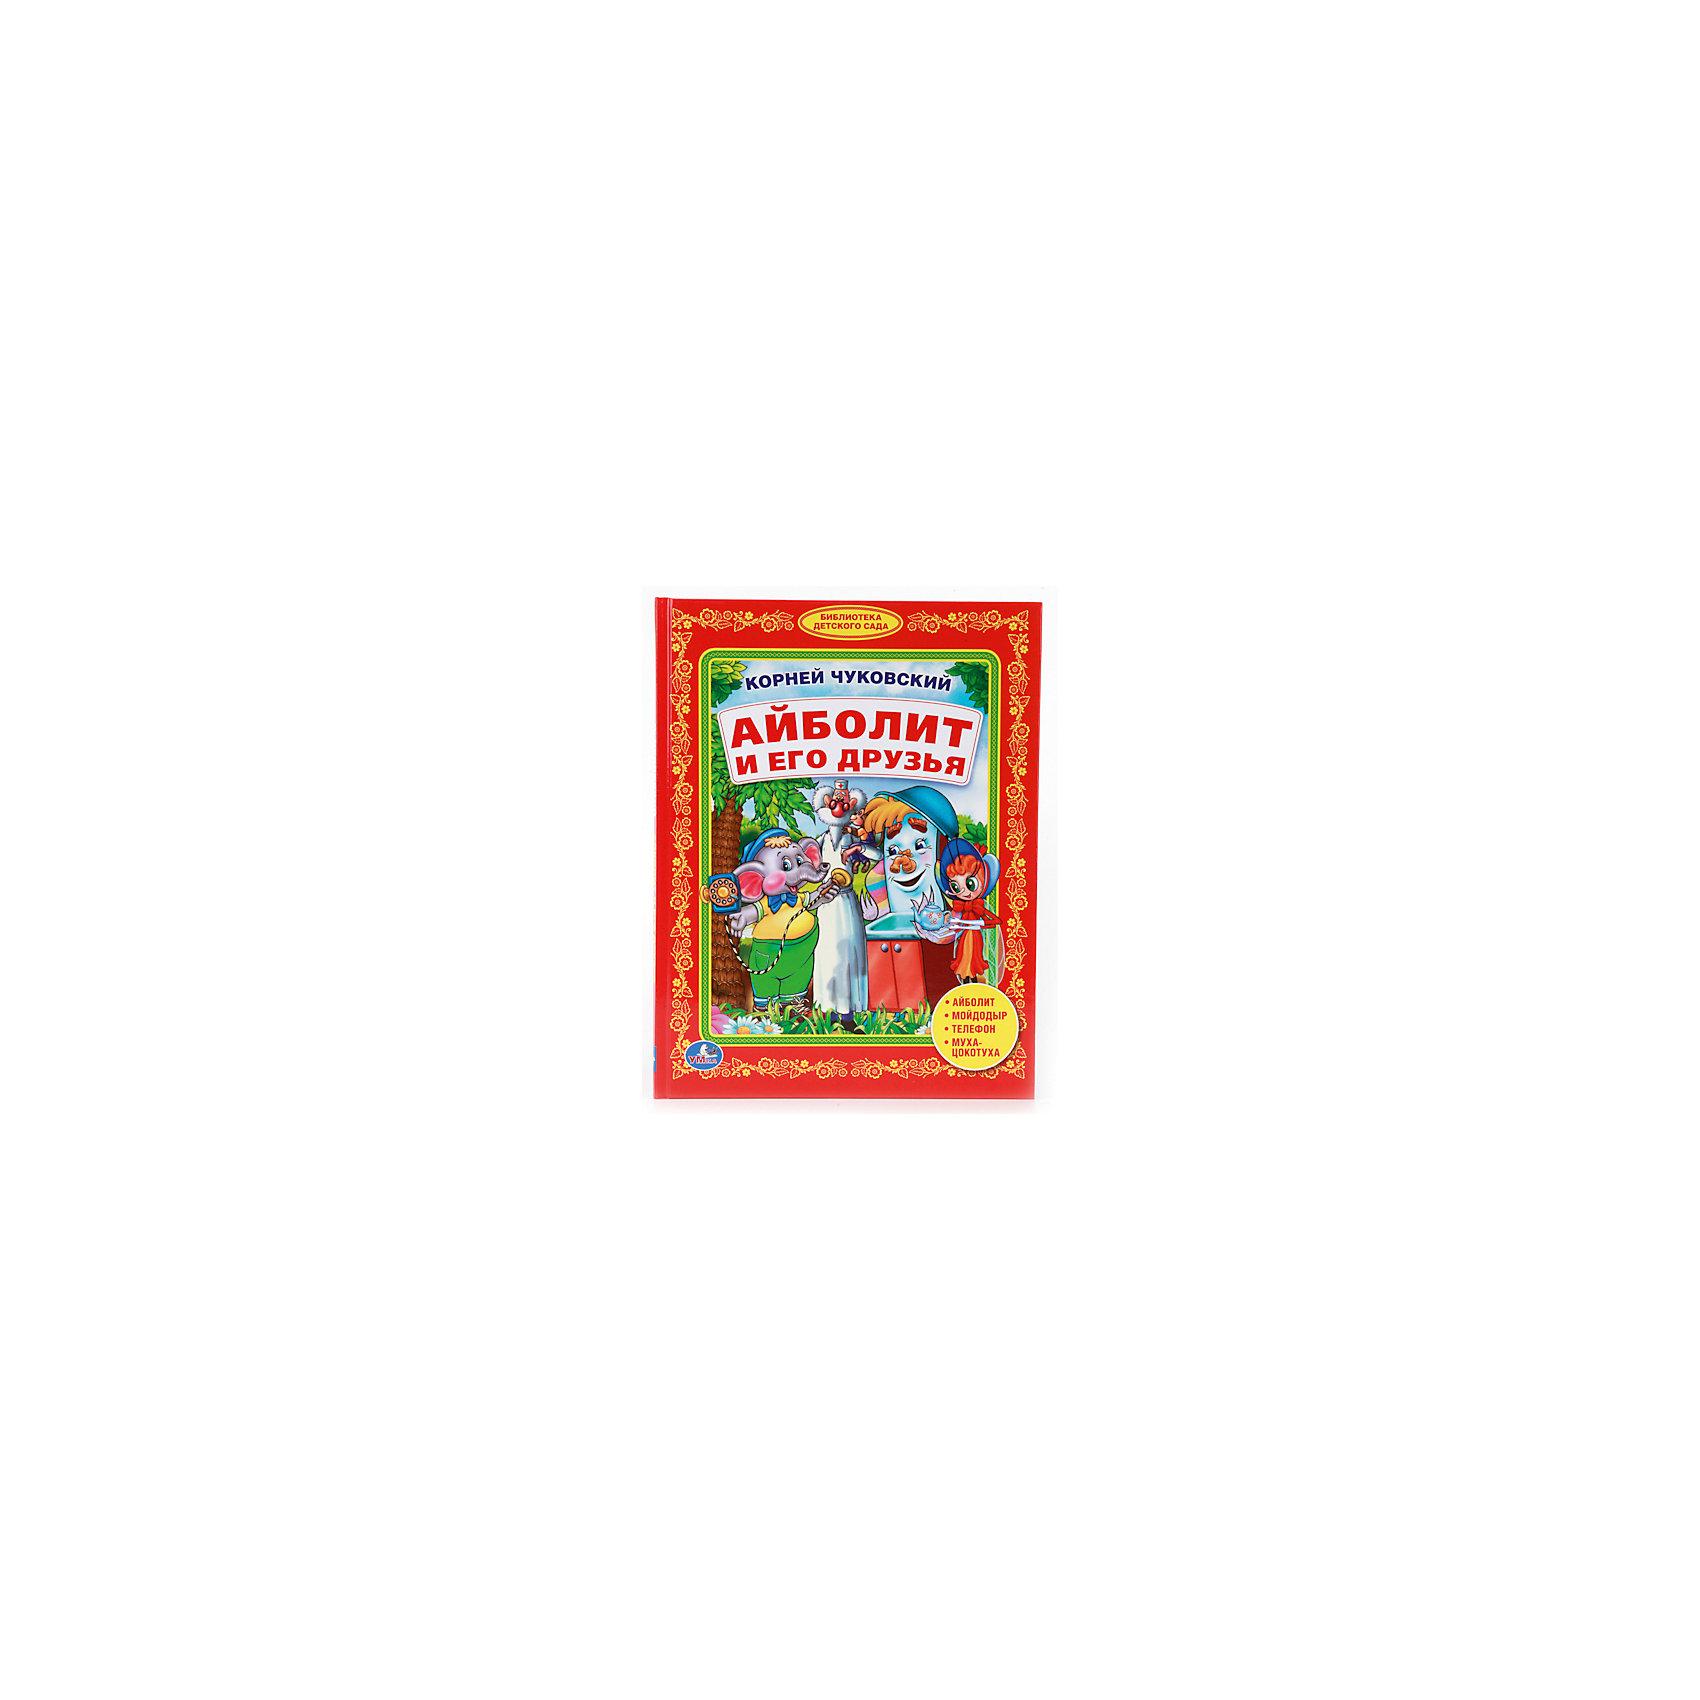 Айболит и его друзья, К.ЧуковскийДобрые и поучительные истории про доктора Айболита, Мойдодыра и других любимых персонажей, дополненные красочными иллюстрациями обязательно понравится детям! На страницах этой книги малыши встретят любимых героев, которые расскажут им свои истории. <br><br><br>Дополнительная информация: <br><br>- Автор: Корней Чуковский. <br>- Формат: 21,5х16,5 см.<br>- Количество страниц: 48.<br>- Иллюстрации: цветные.<br>- Переплет: твердый. <br>- Содержание: Айболит, Телефон, Мойдодыр, Муха-Цокотуха.<br><br>Книгу Айболит и его друзья, К. Чуковский, можно купить в нашем магазине.<br><br>Внимание! В соответствии с Постановлением Правительства Российской Федерации от 19.01.1998 № 55, непродовольственные товары надлежащего качества нижеследующих категорий не подлежат возврату и обмену: непериодические издания (книги, брошюры, альбомы, картографические и нотные издания, листовые изоиздания, календари, буклеты, открытки, издания, воспроизведенные на технических носителях информации).<br><br>Ширина мм: 220<br>Глубина мм: 170<br>Высота мм: 10<br>Вес г: 120<br>Возраст от месяцев: 24<br>Возраст до месяцев: 72<br>Пол: Унисекс<br>Возраст: Детский<br>SKU: 4428473